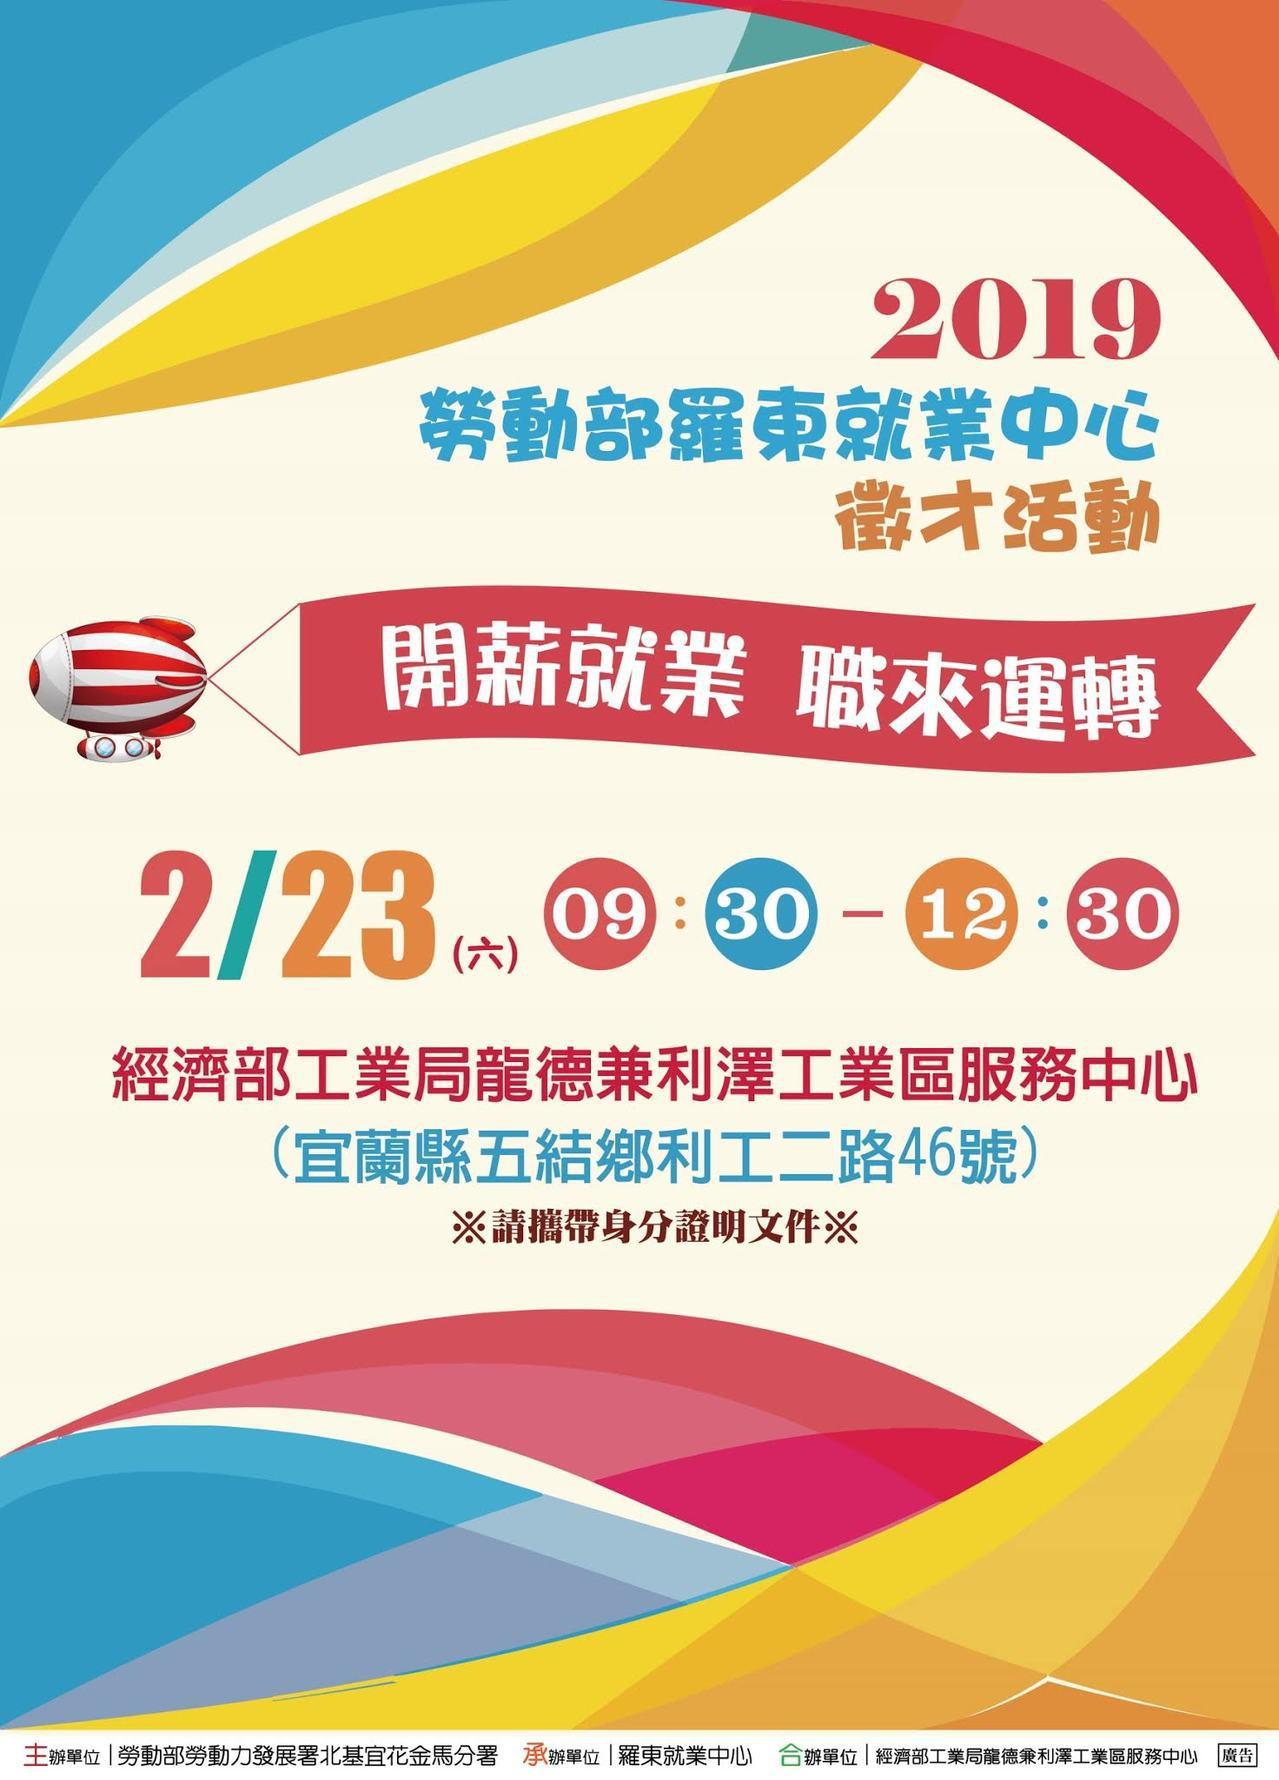 羅東就業中心本月23日上午9點30分到12點30分,要在龍德兼利澤工業區服務中心...